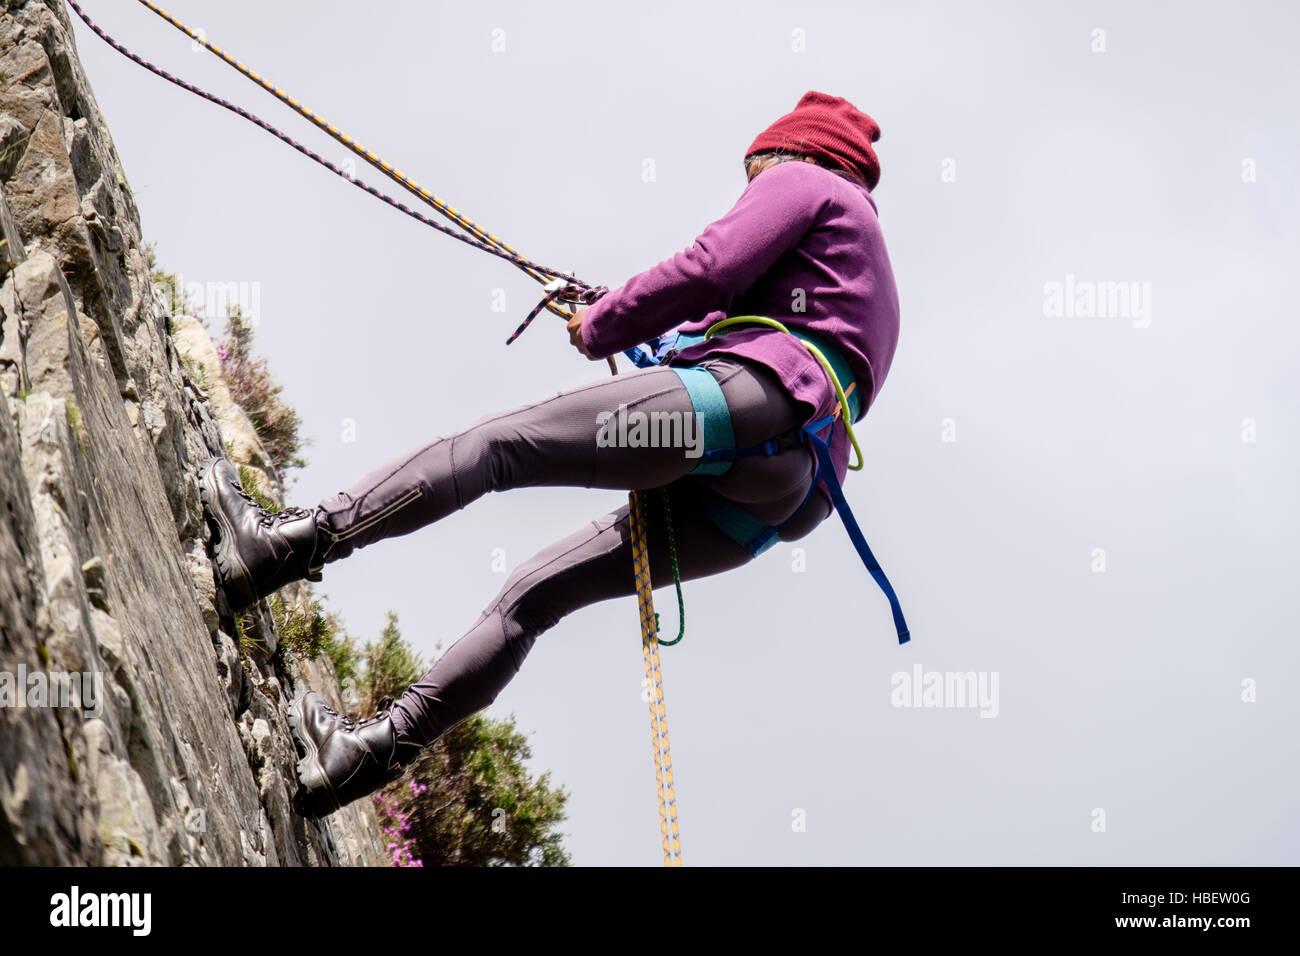 Klettergurt Abseilen : Klettern abseilen grindelwald wengen mürren lauterbrunnen